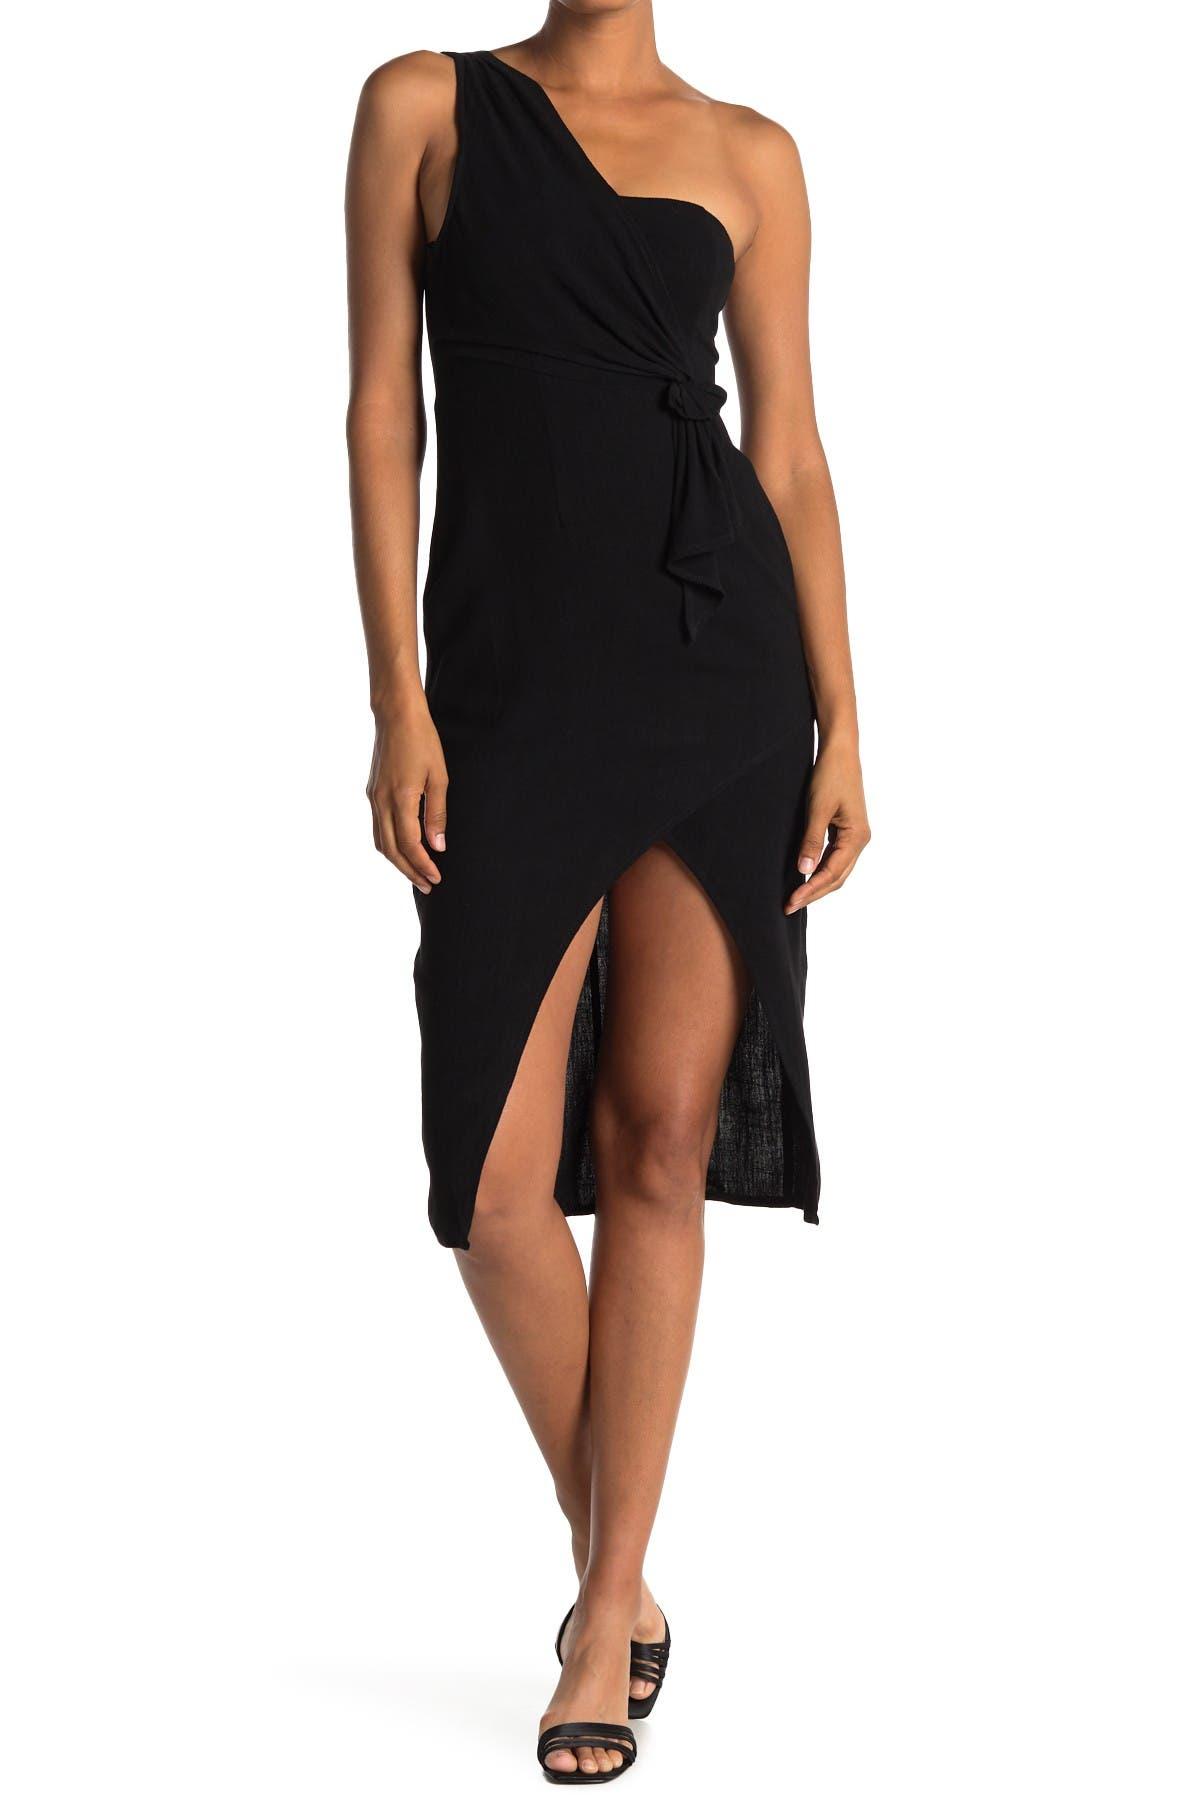 Image of FAVLUX One-Shoulder Faux Wrap Dress